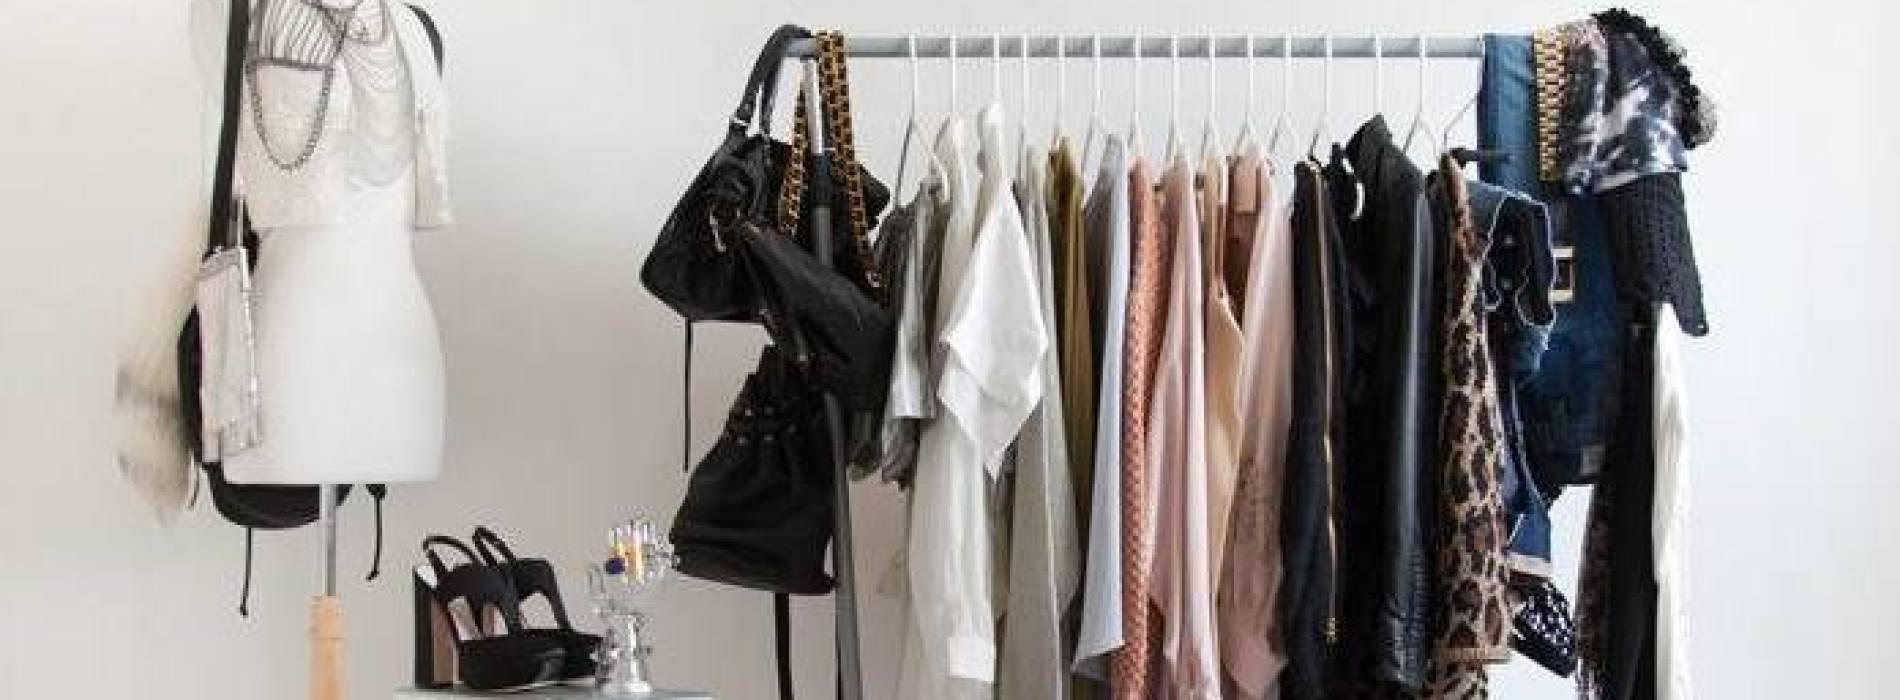 Swap Elite, nasce così la startup per lo scambio dei vestiti